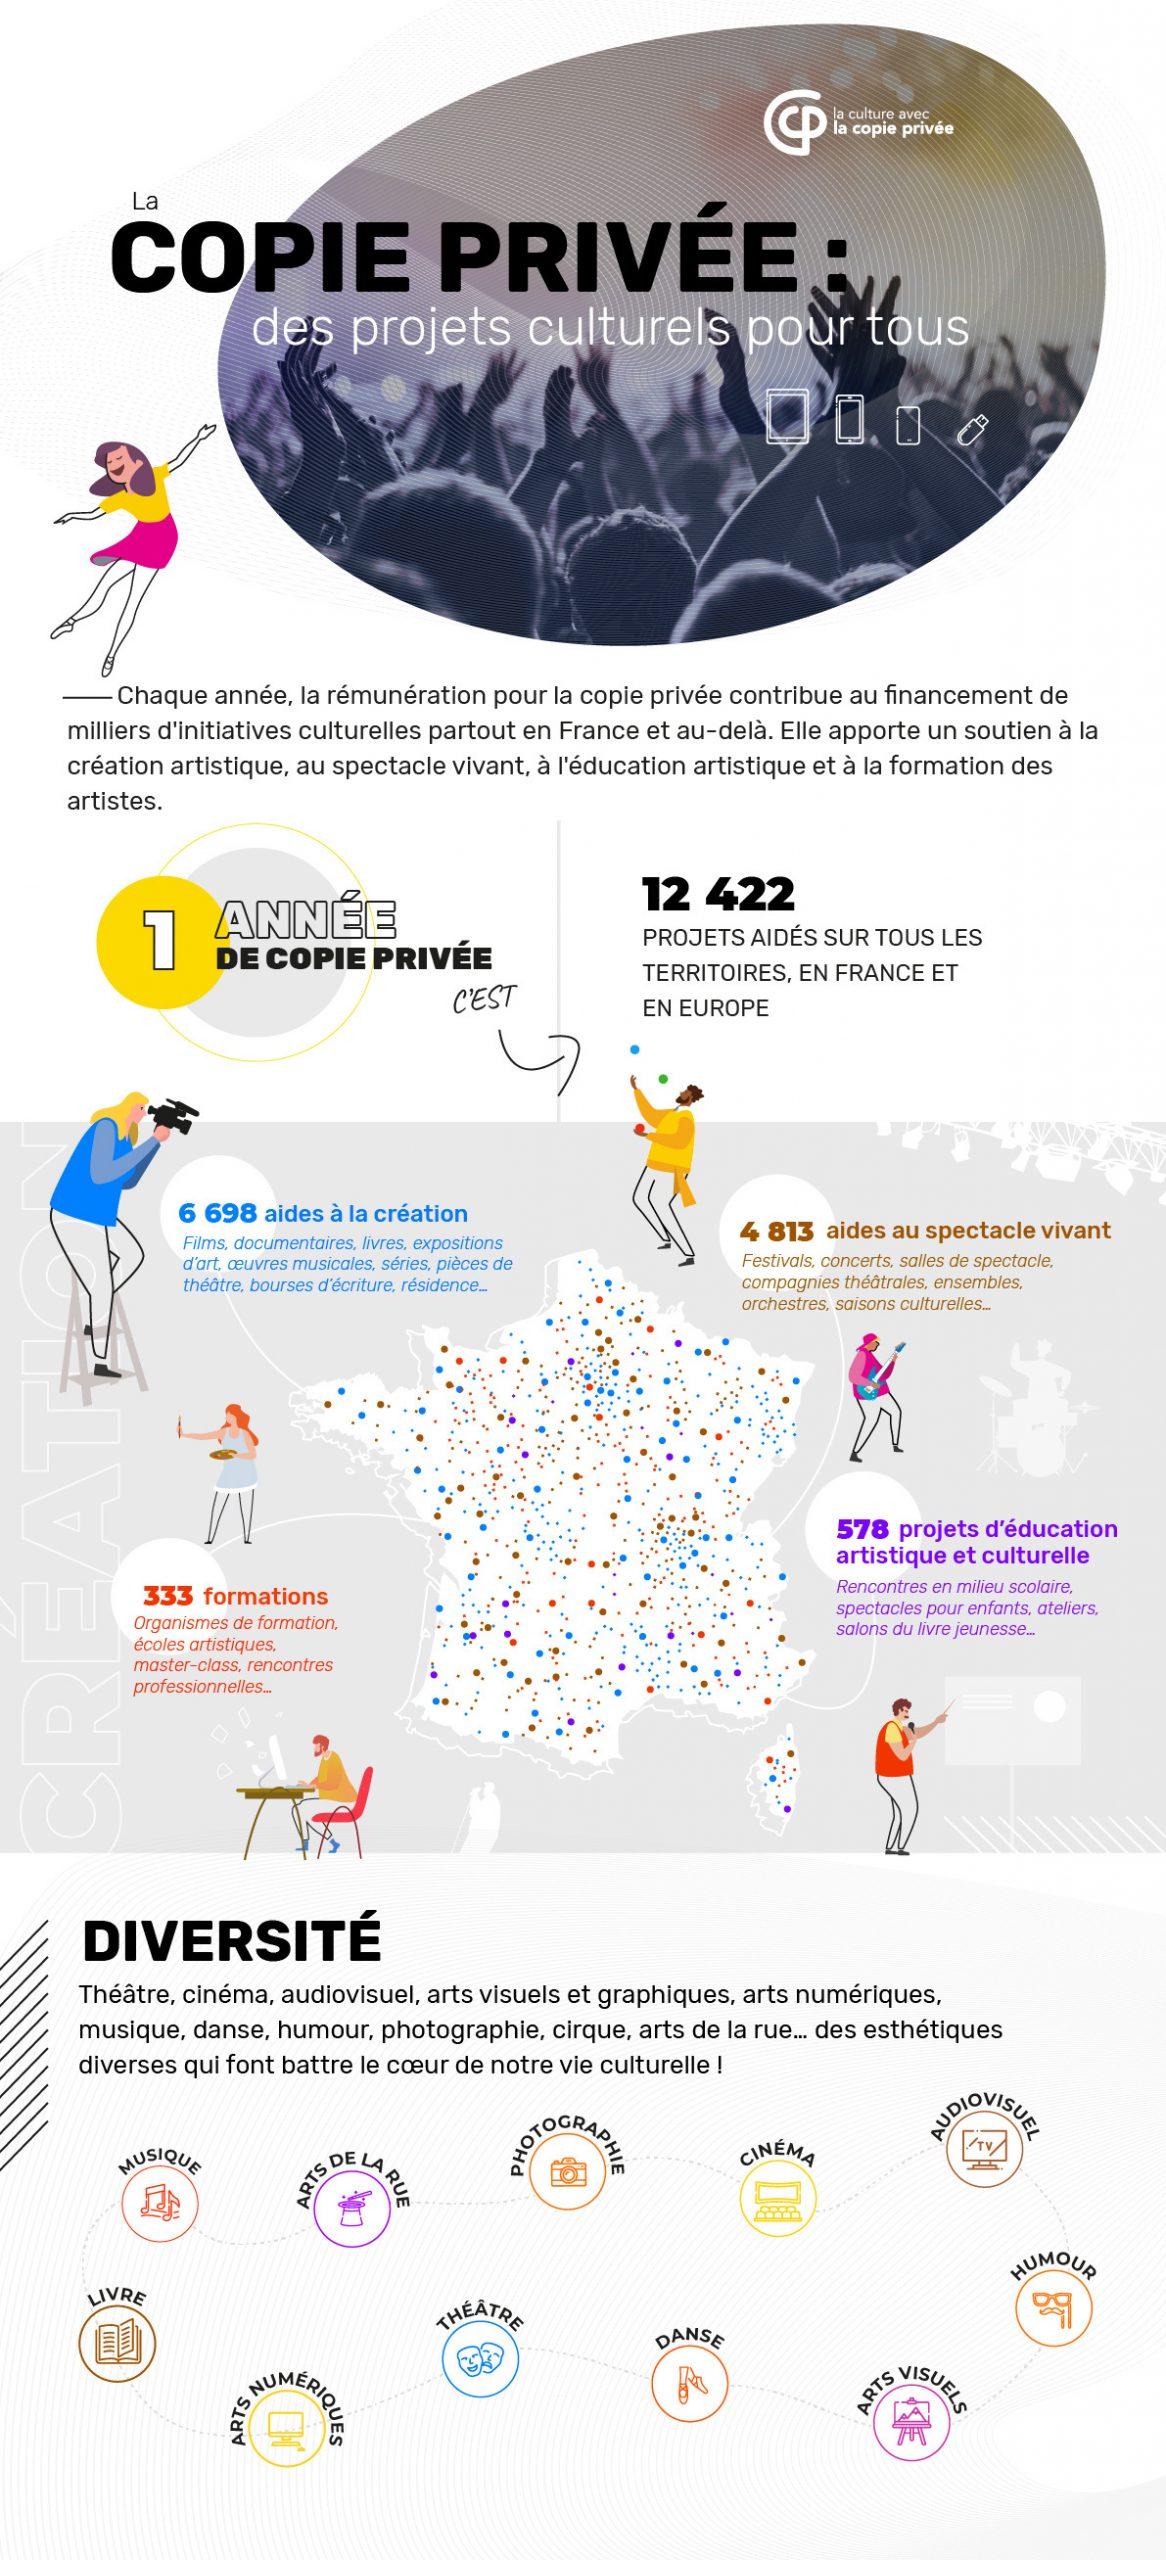 Infographie de la Copie Privée présentant les chiffres clés